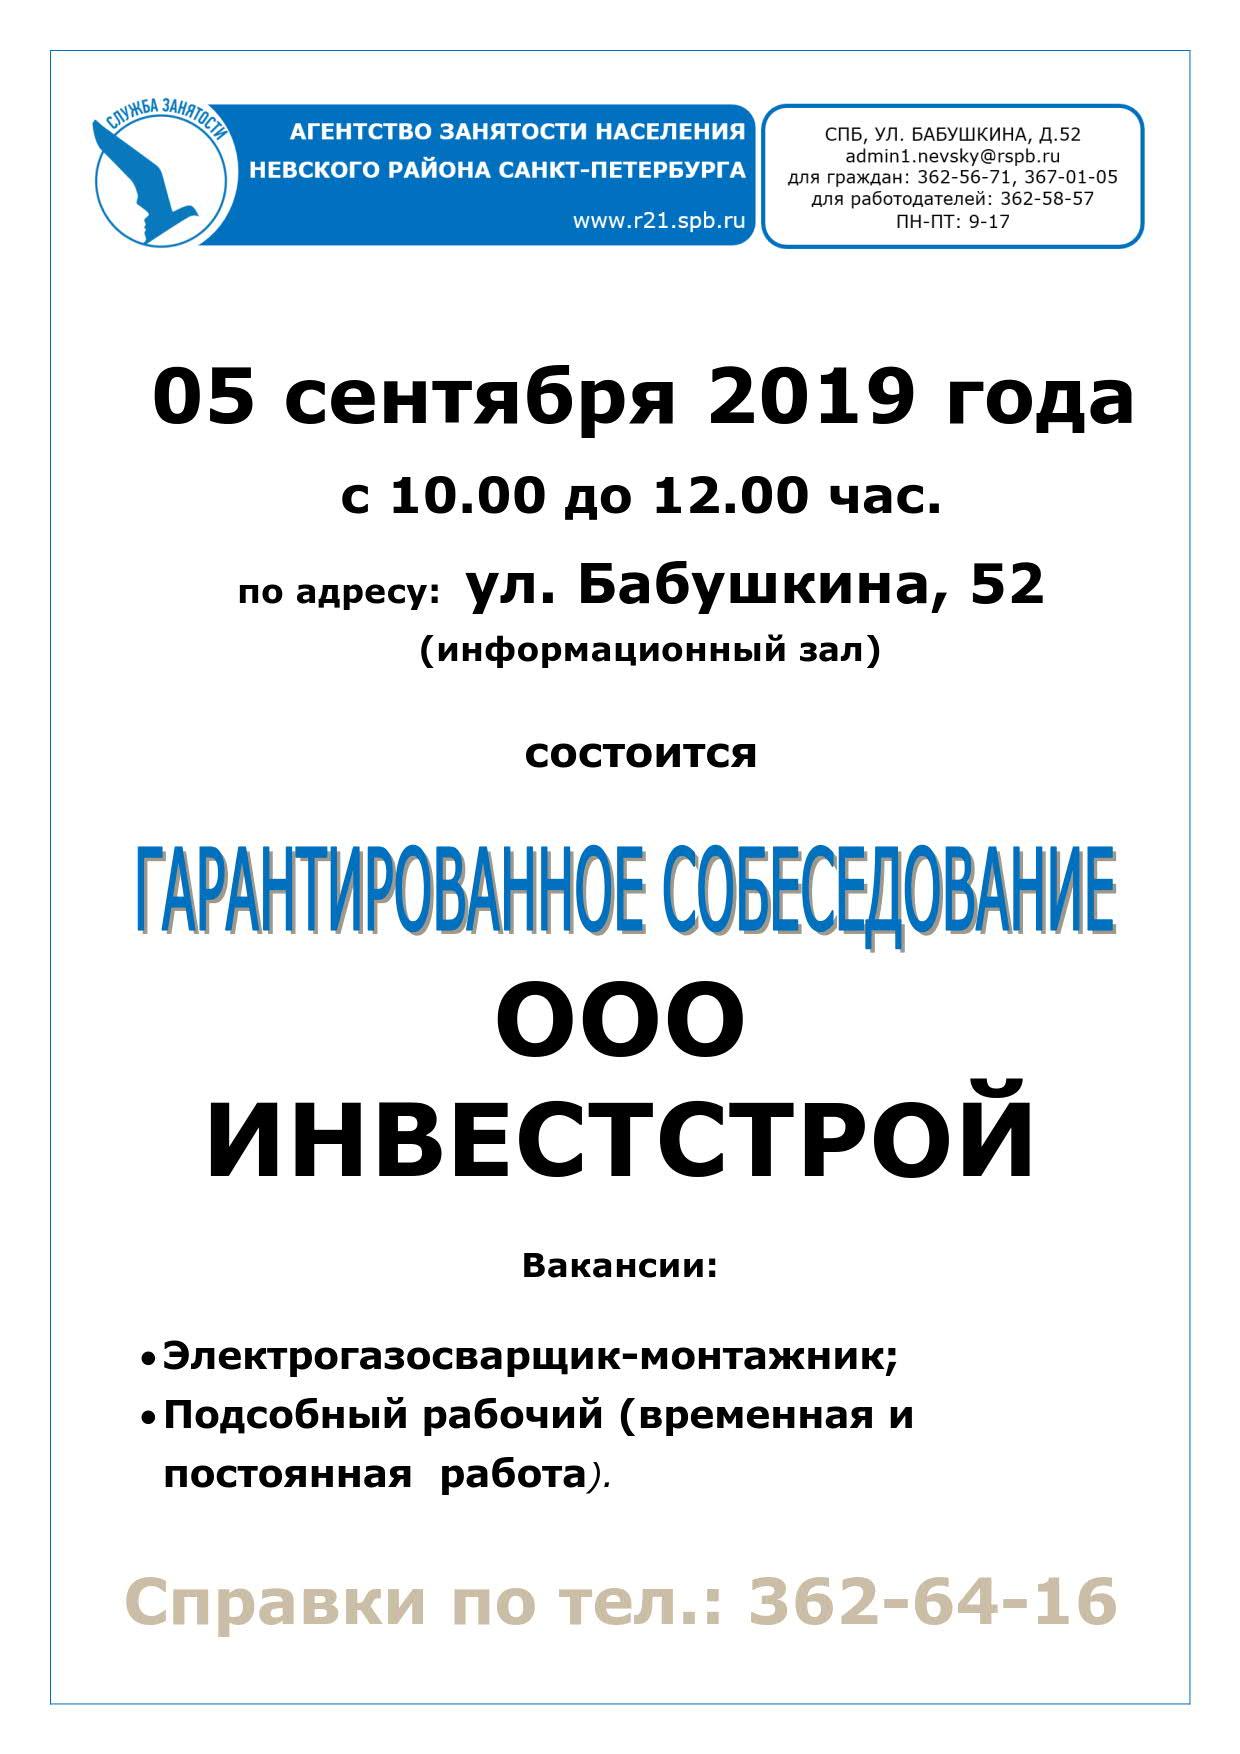 объявление ГС 05.09.2019_1